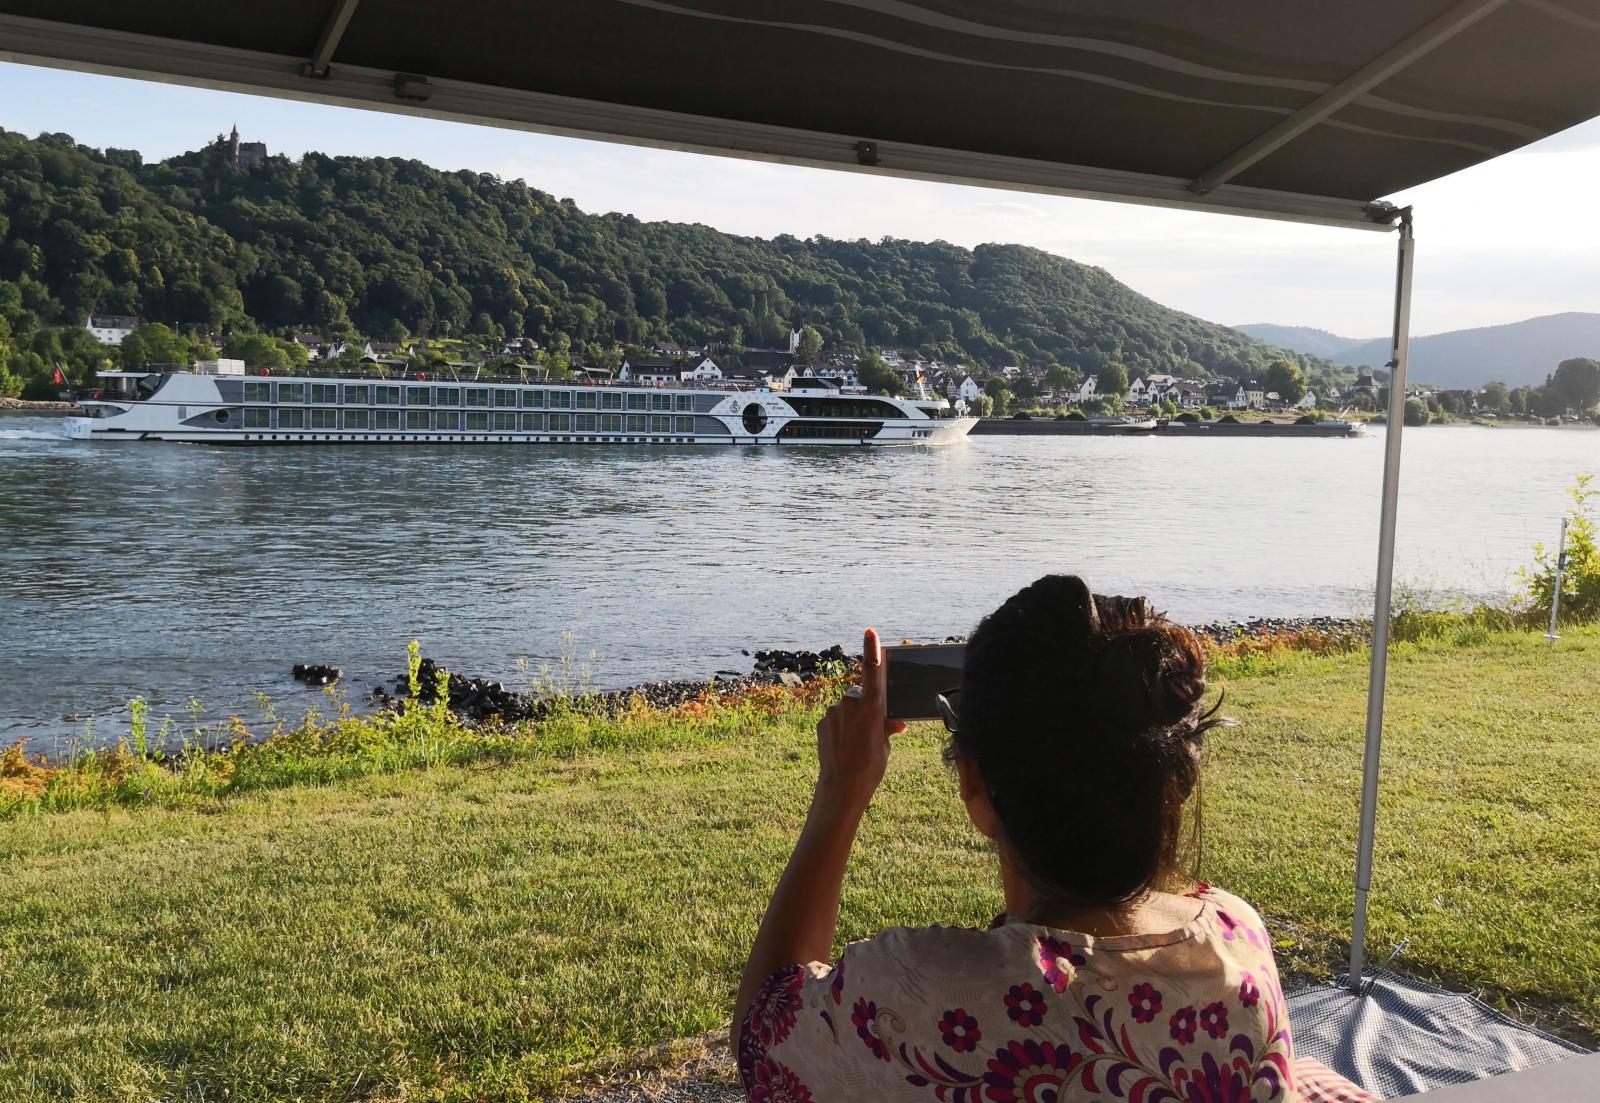 Flodens lyxkryssare med hundratals passagerare med egna balkonger. Ibland tittar de med kikare på campinggästerna som tittar tillbaka med sina kikare.